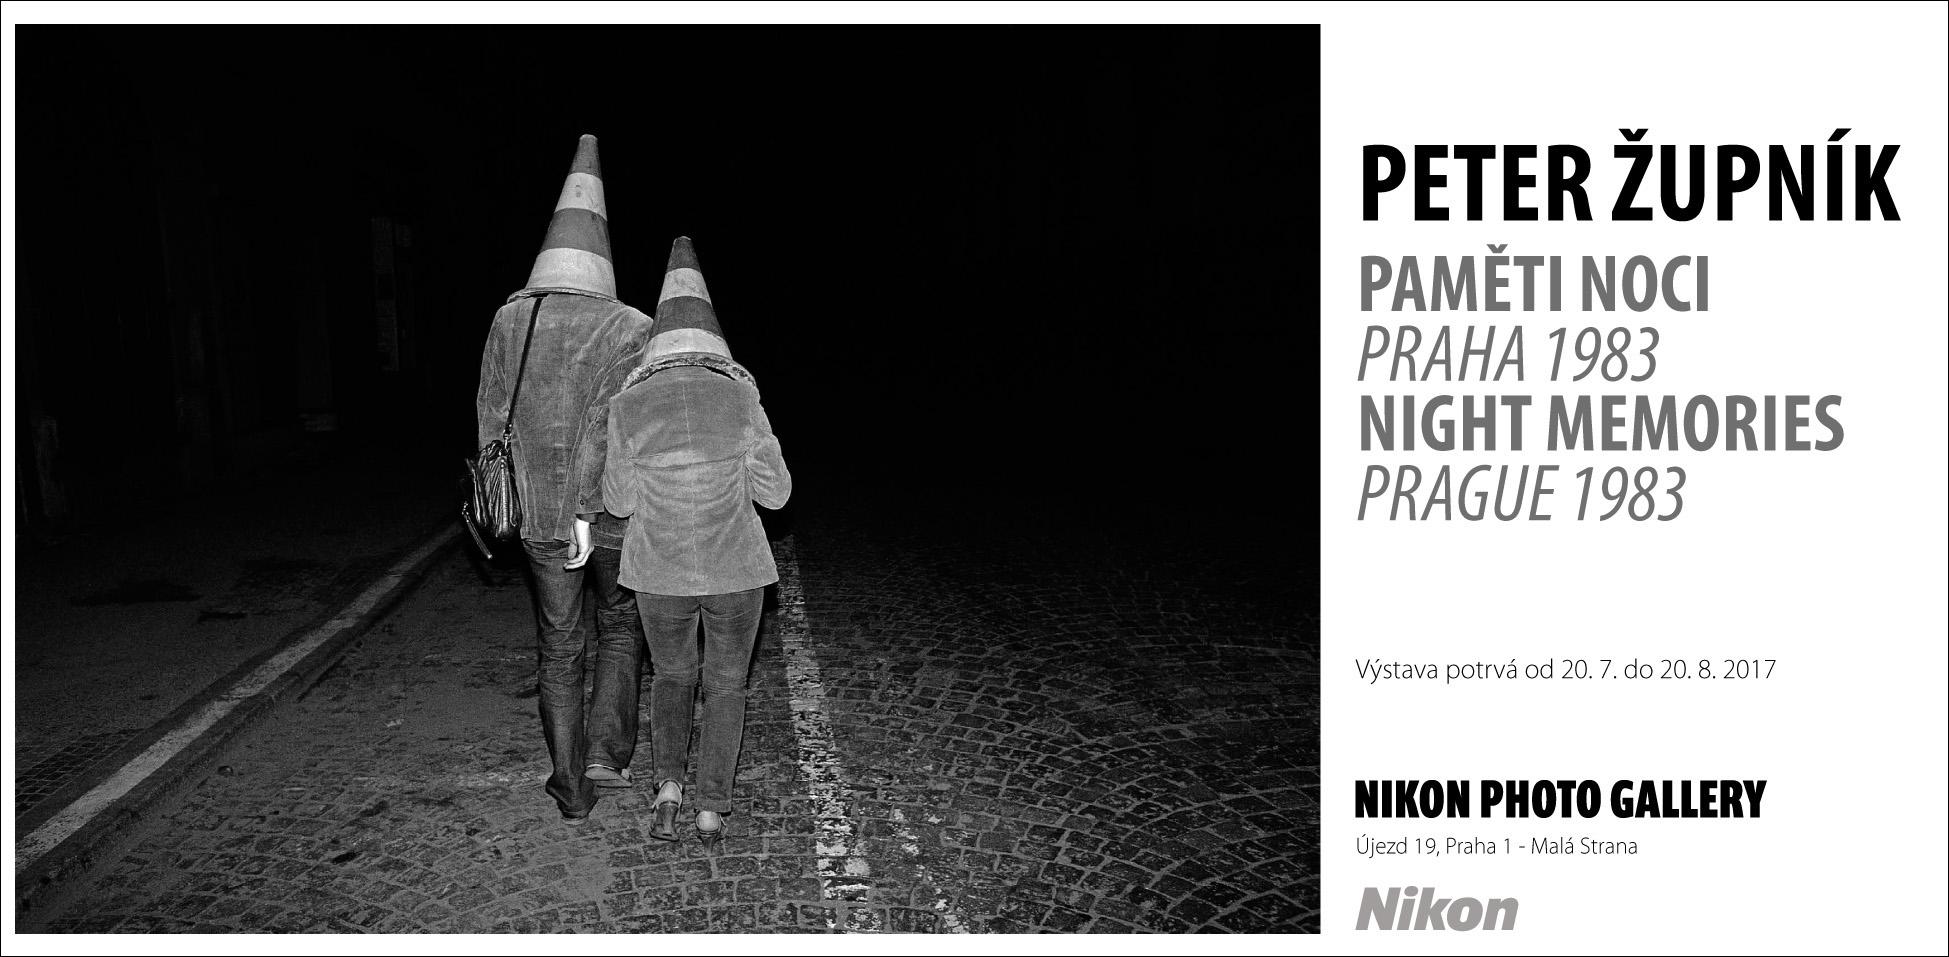 Paměti noci Petera Župníka v Nikon Photo Gallery